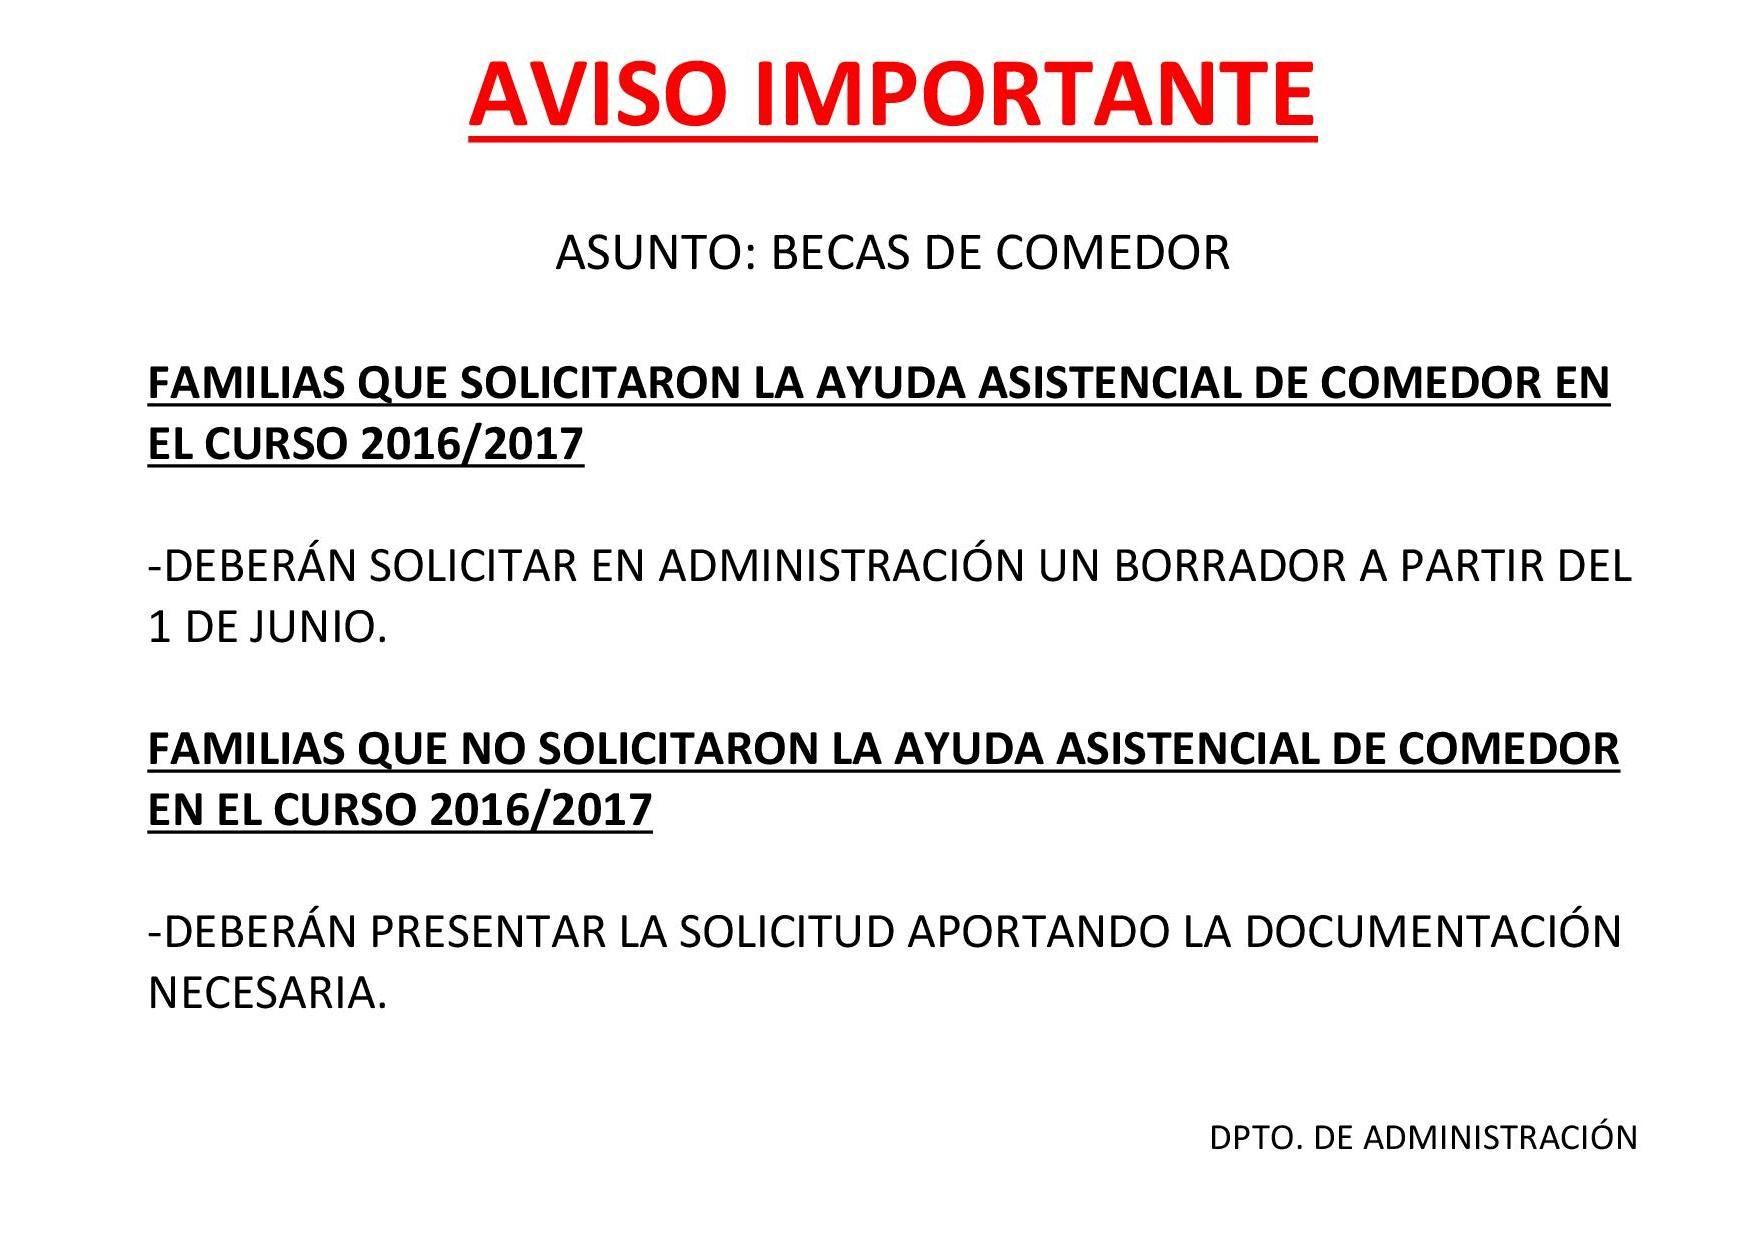 AYUDAS ASISTENCIALES DE COMEDOR CURSO 2017/2018 | Colegio El Ave ...